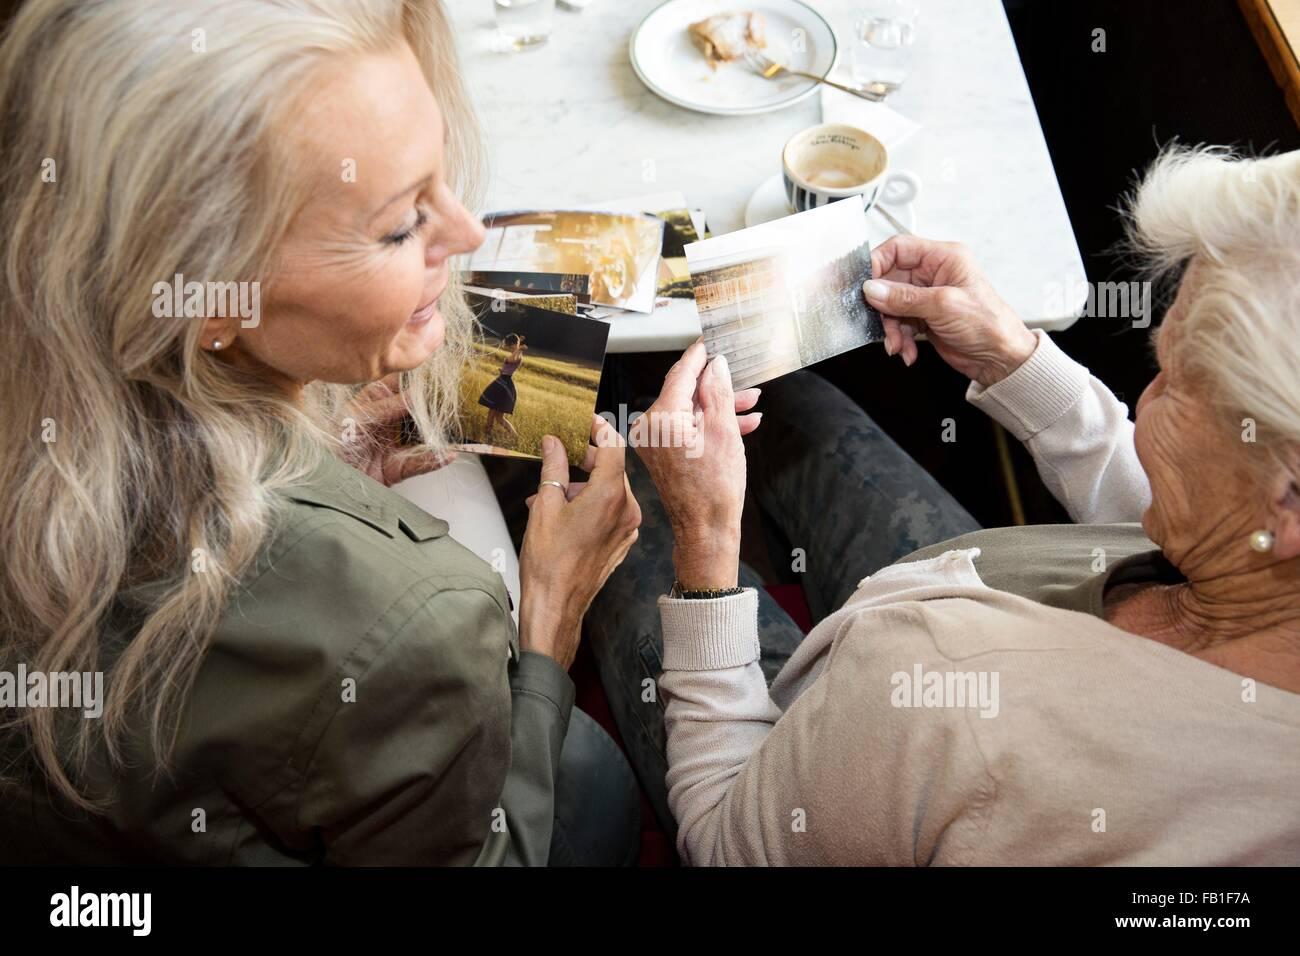 Mère et fille assis ensemble dans un café, regarder des photographies, vue arrière Photo Stock